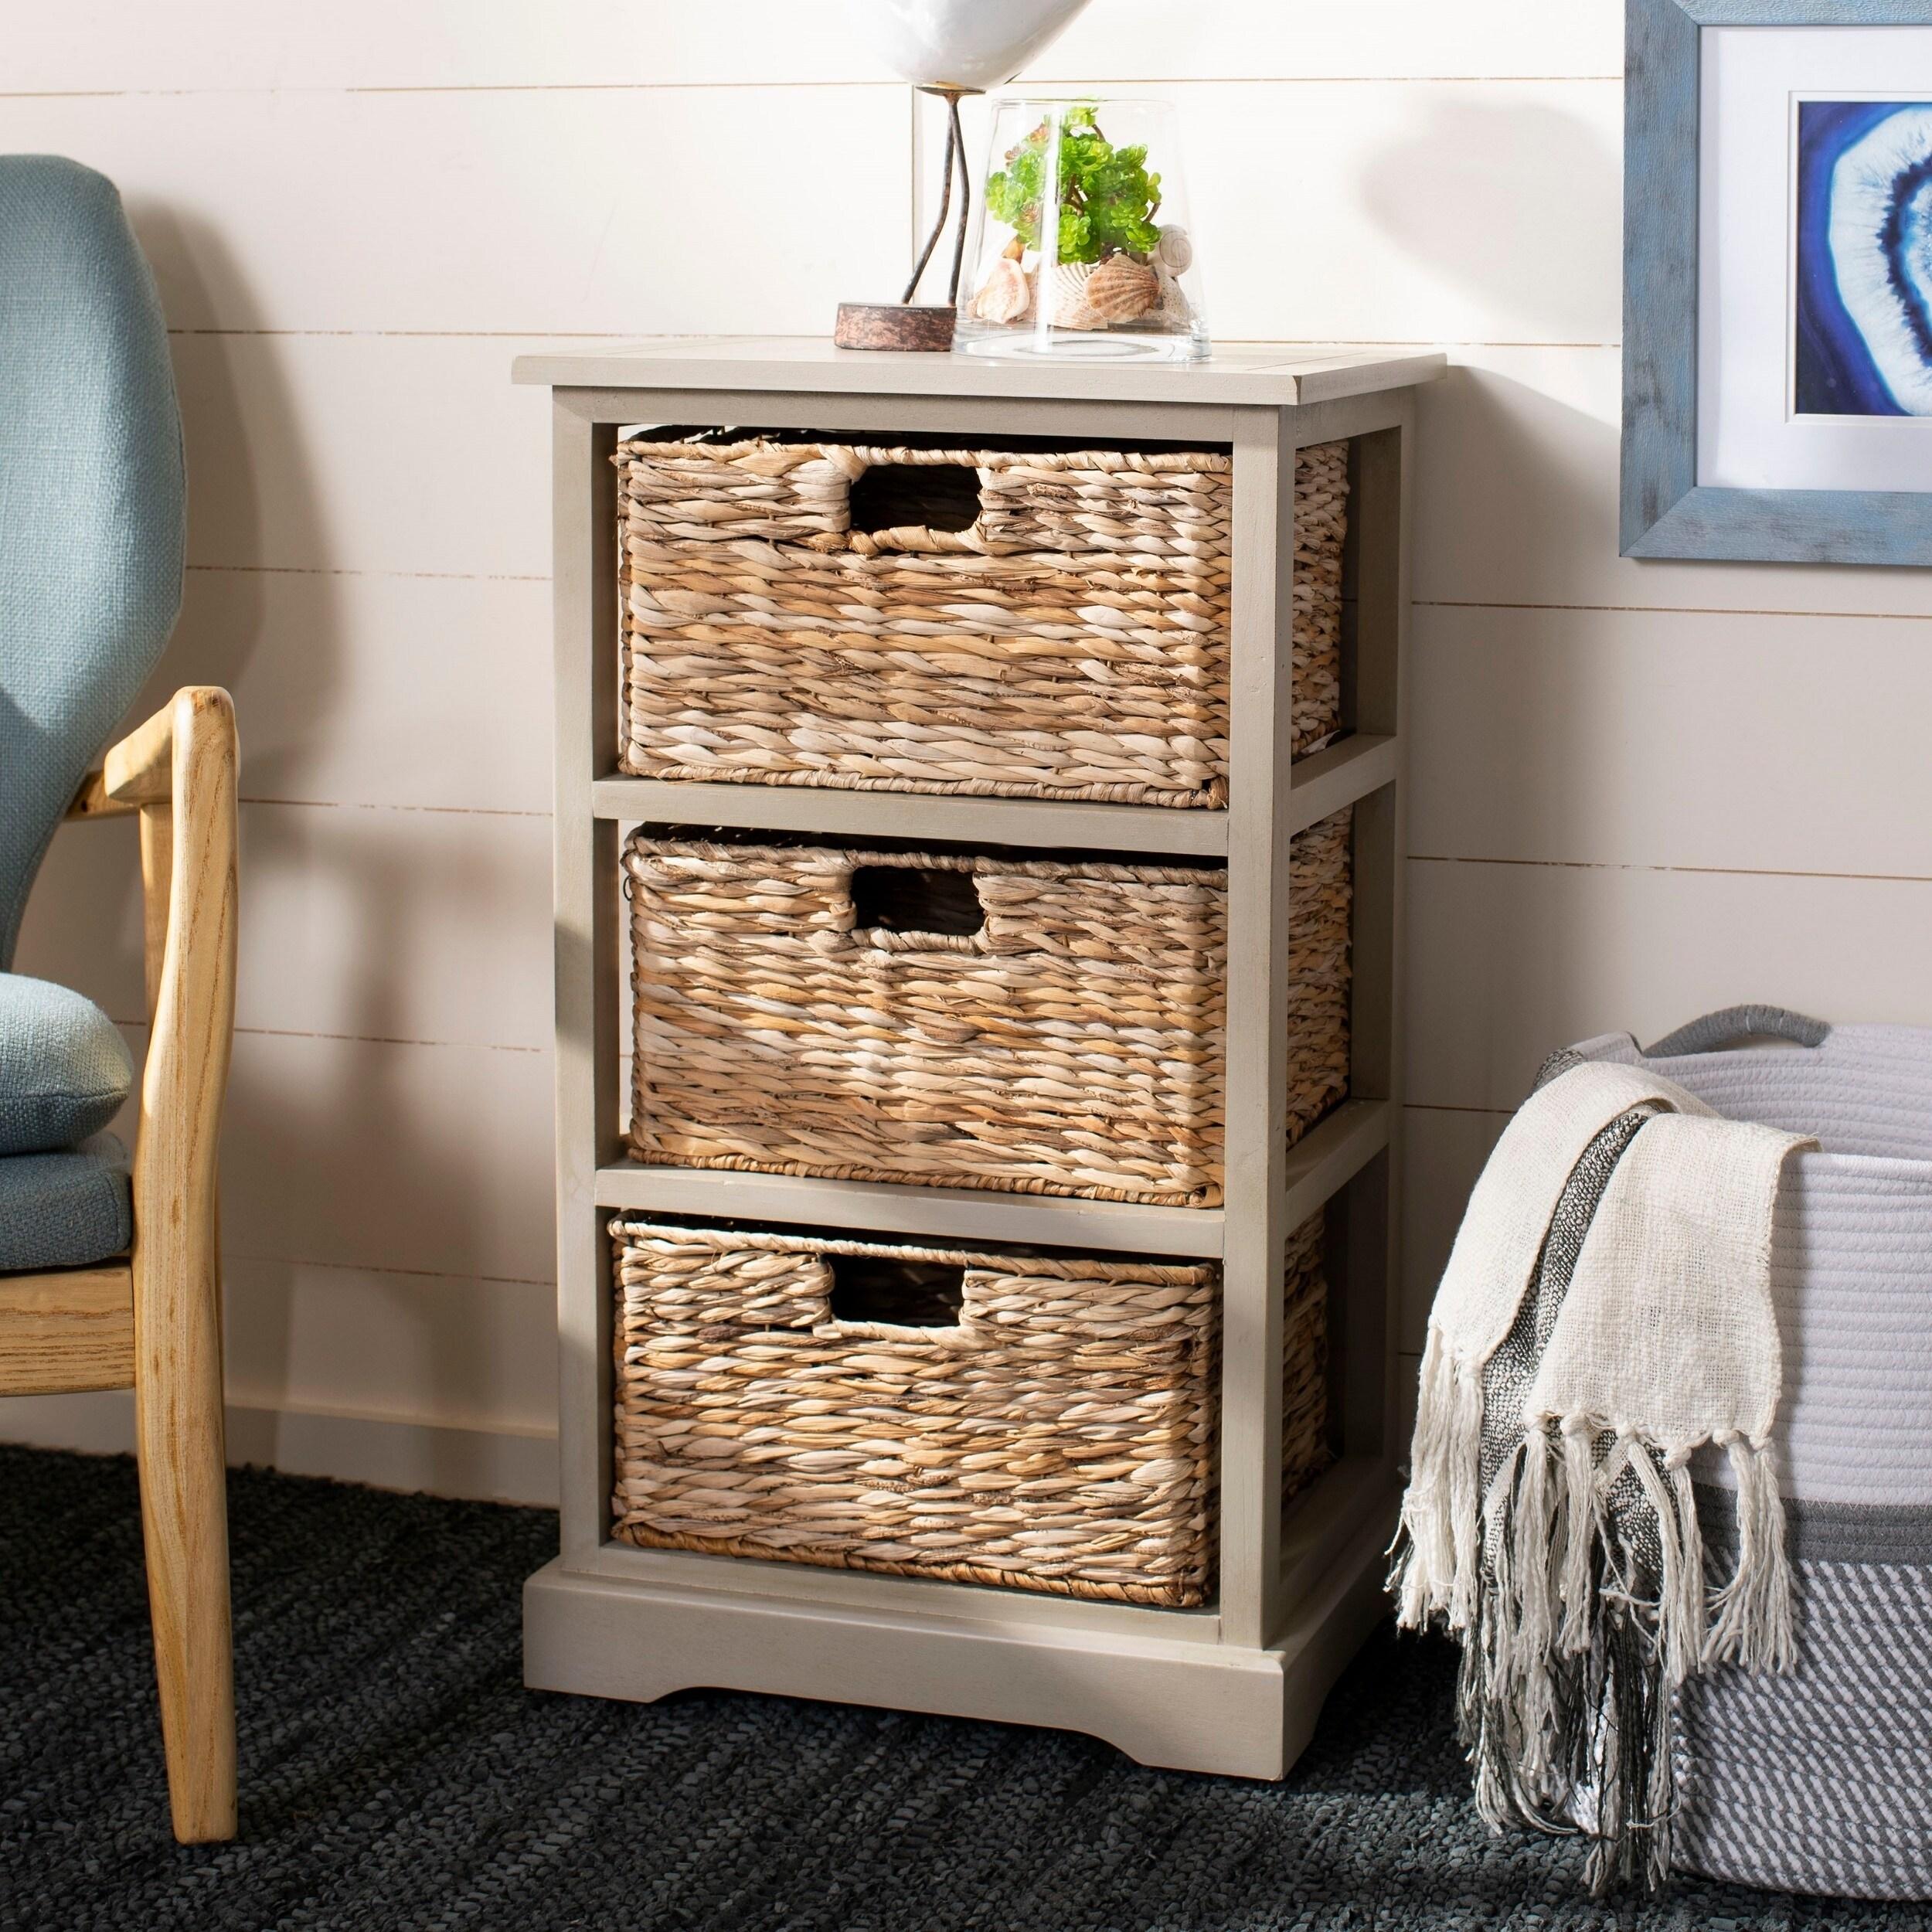 Shop Safavieh Halle Vintage Grey 3 Drawer Wicker Basket Storage Unit